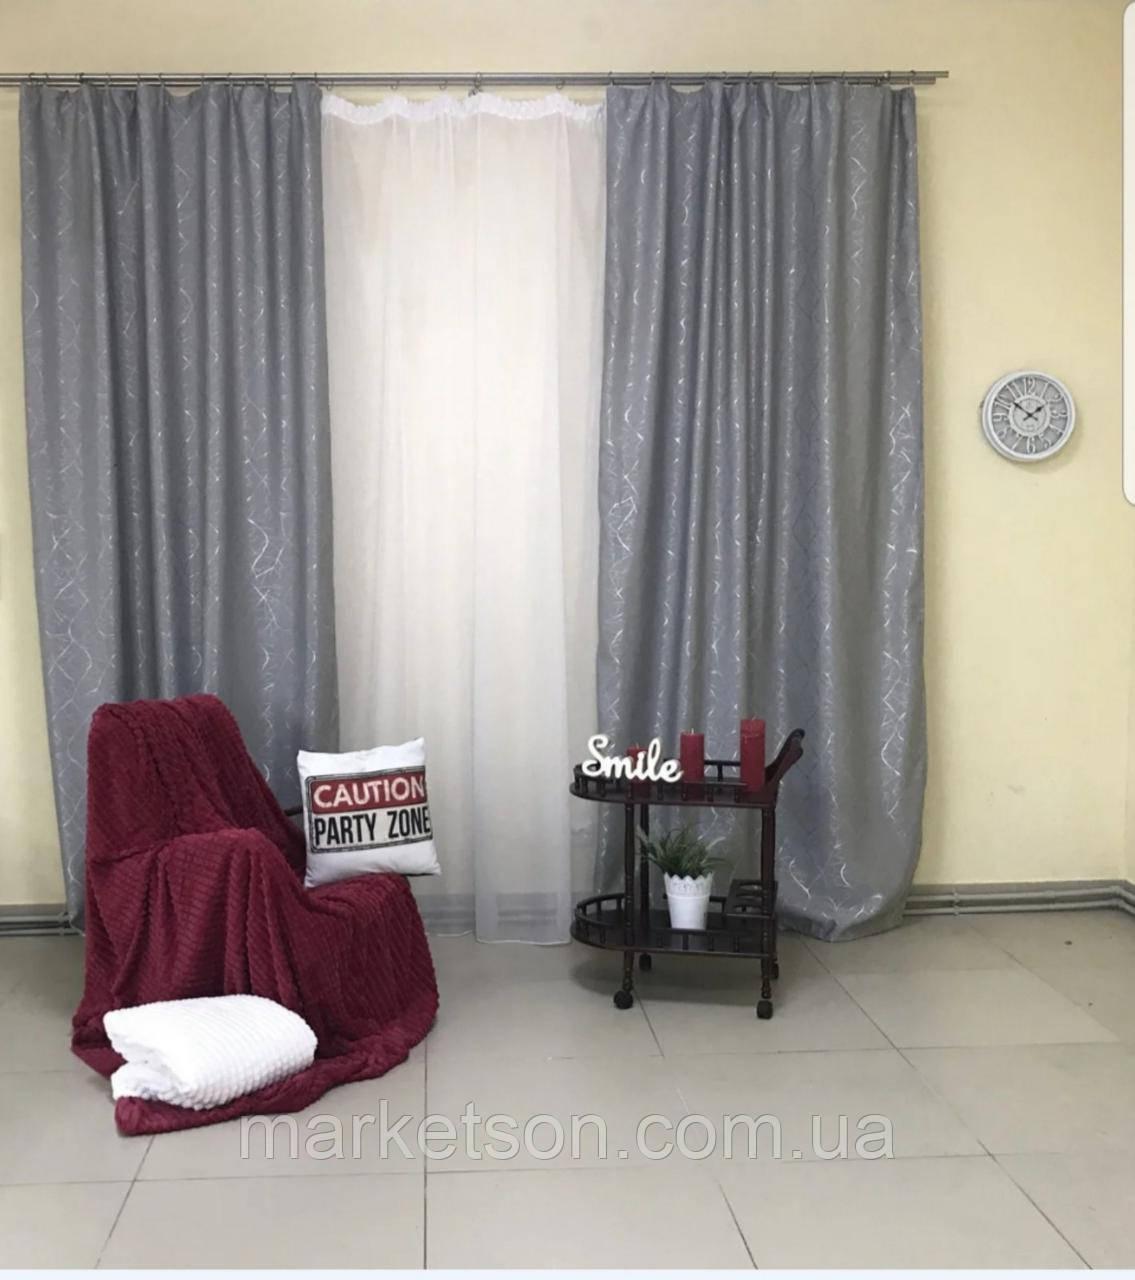 Готовые плотные шторы для спальни или гостинной 1,5х2,7 Блэкаут лен